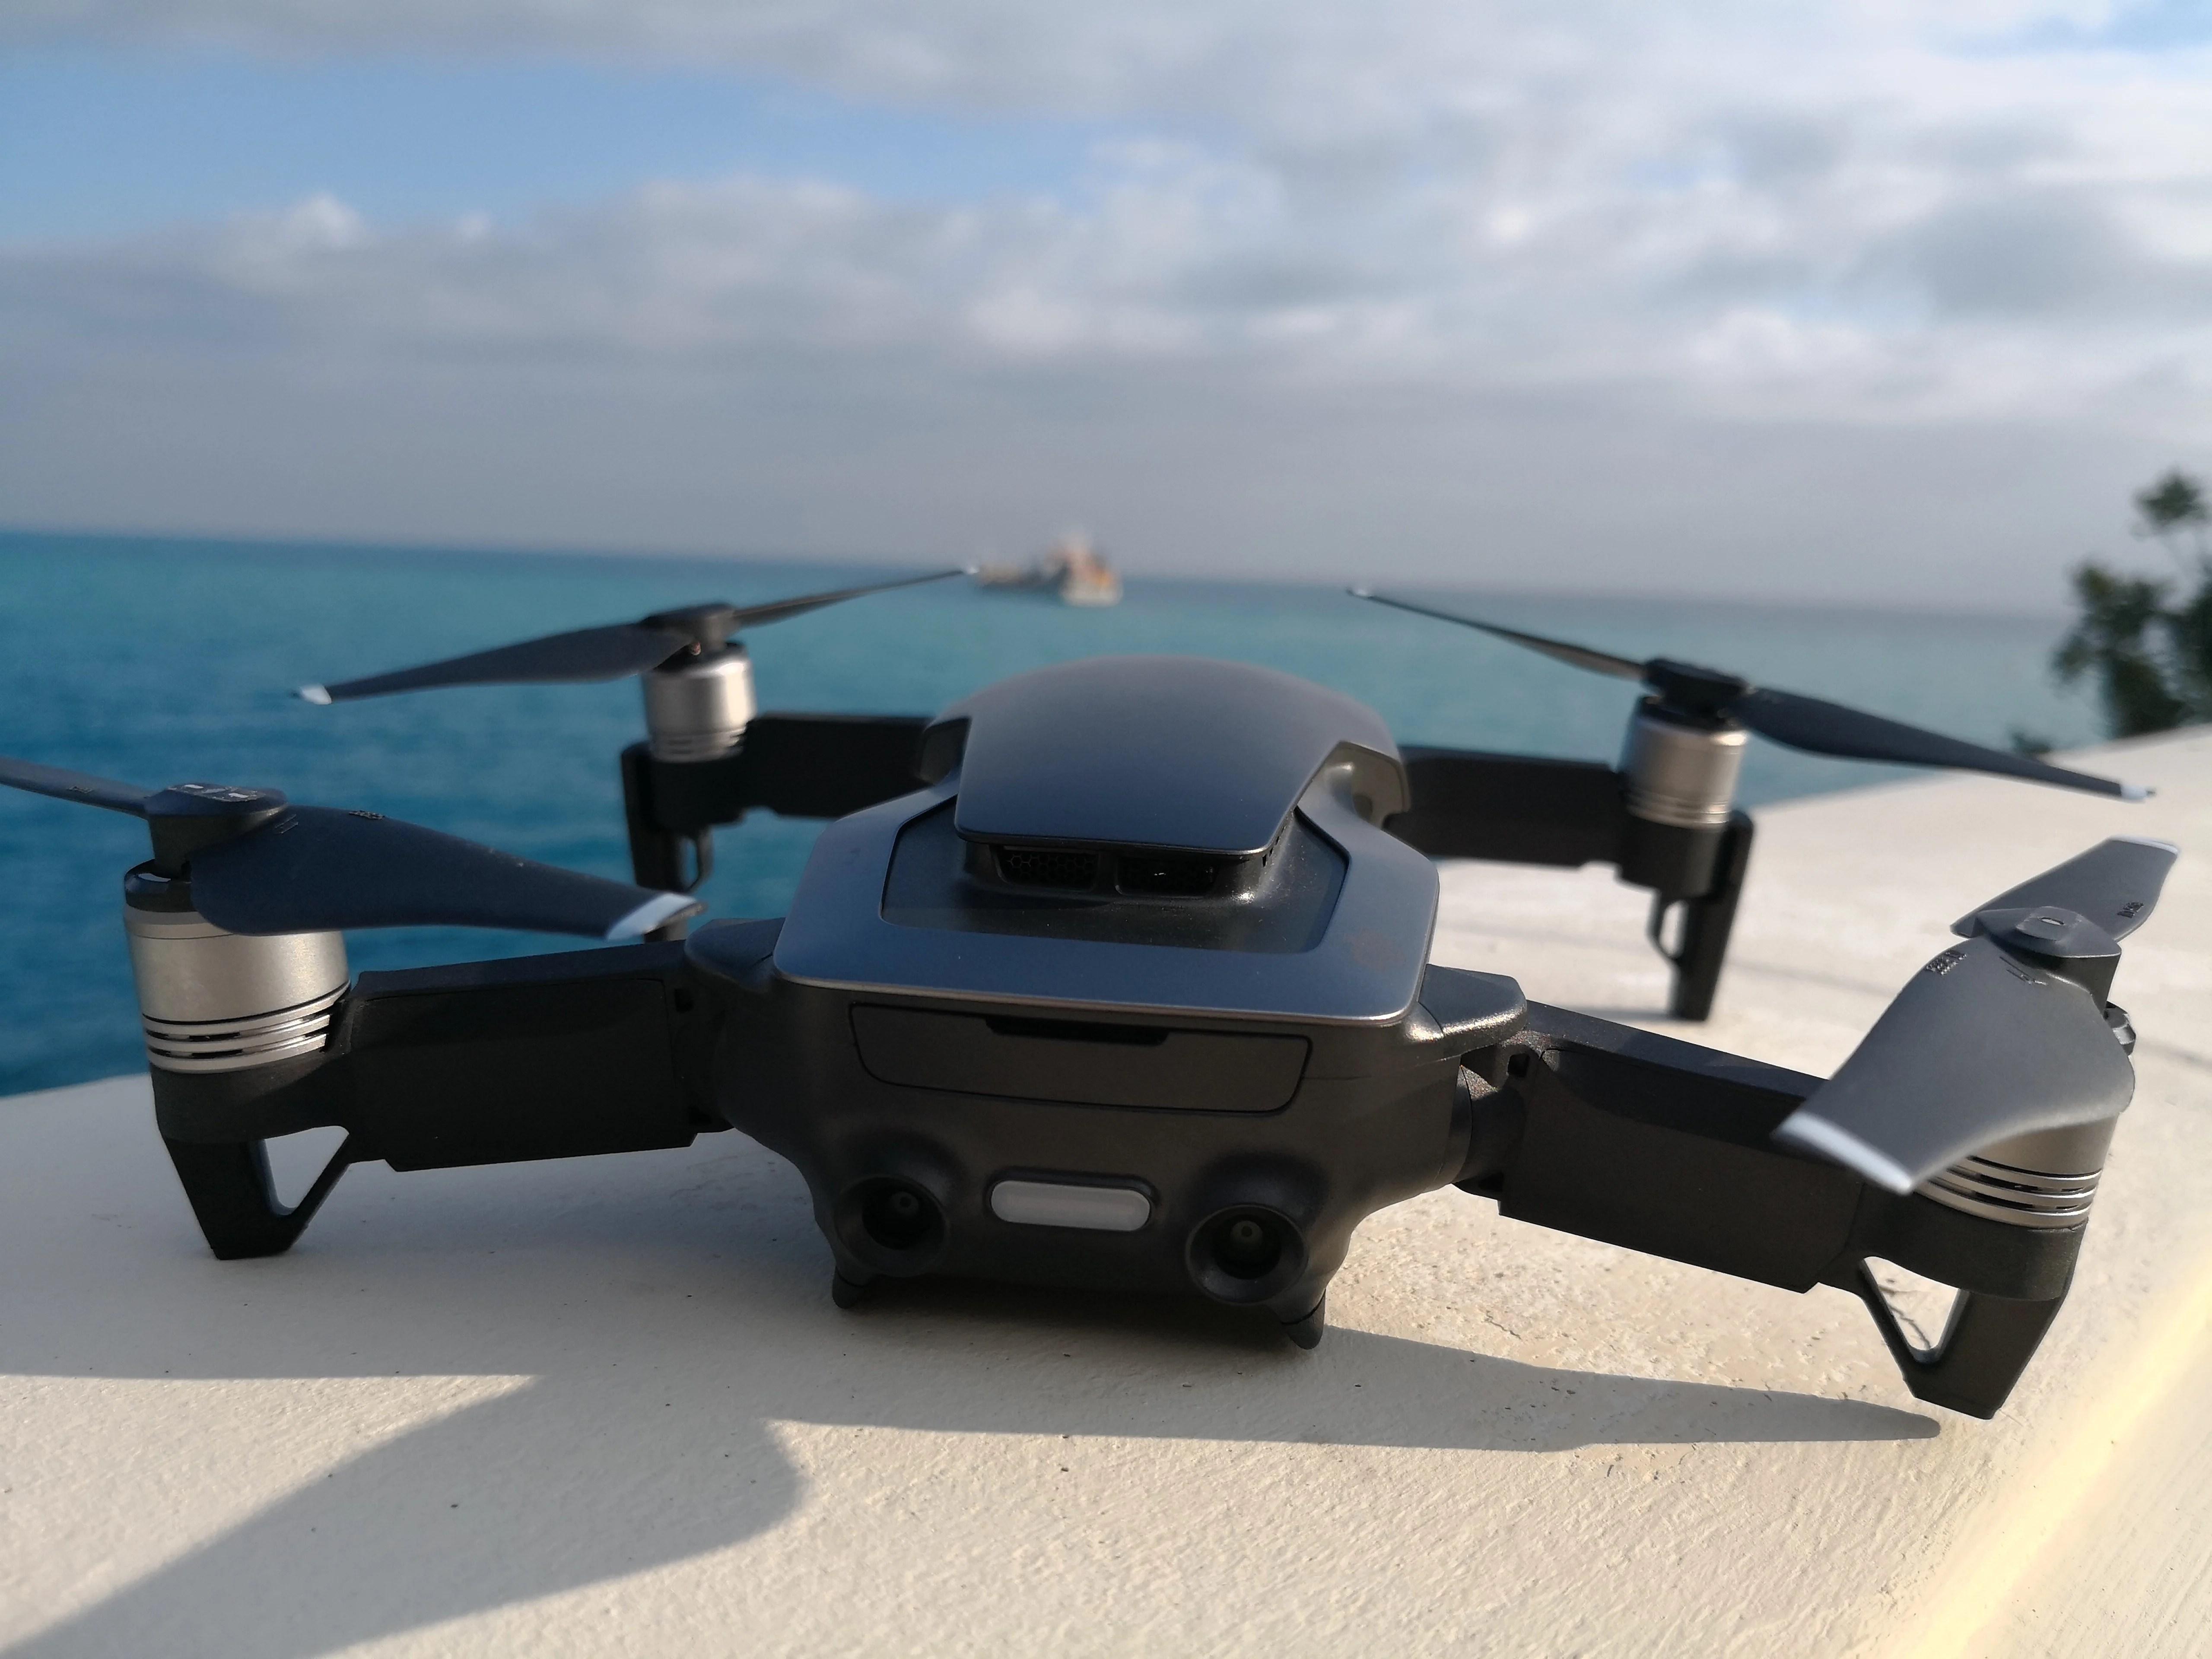 Test du DJI Mavic Air, votre nouveau compagnon de voyage ?